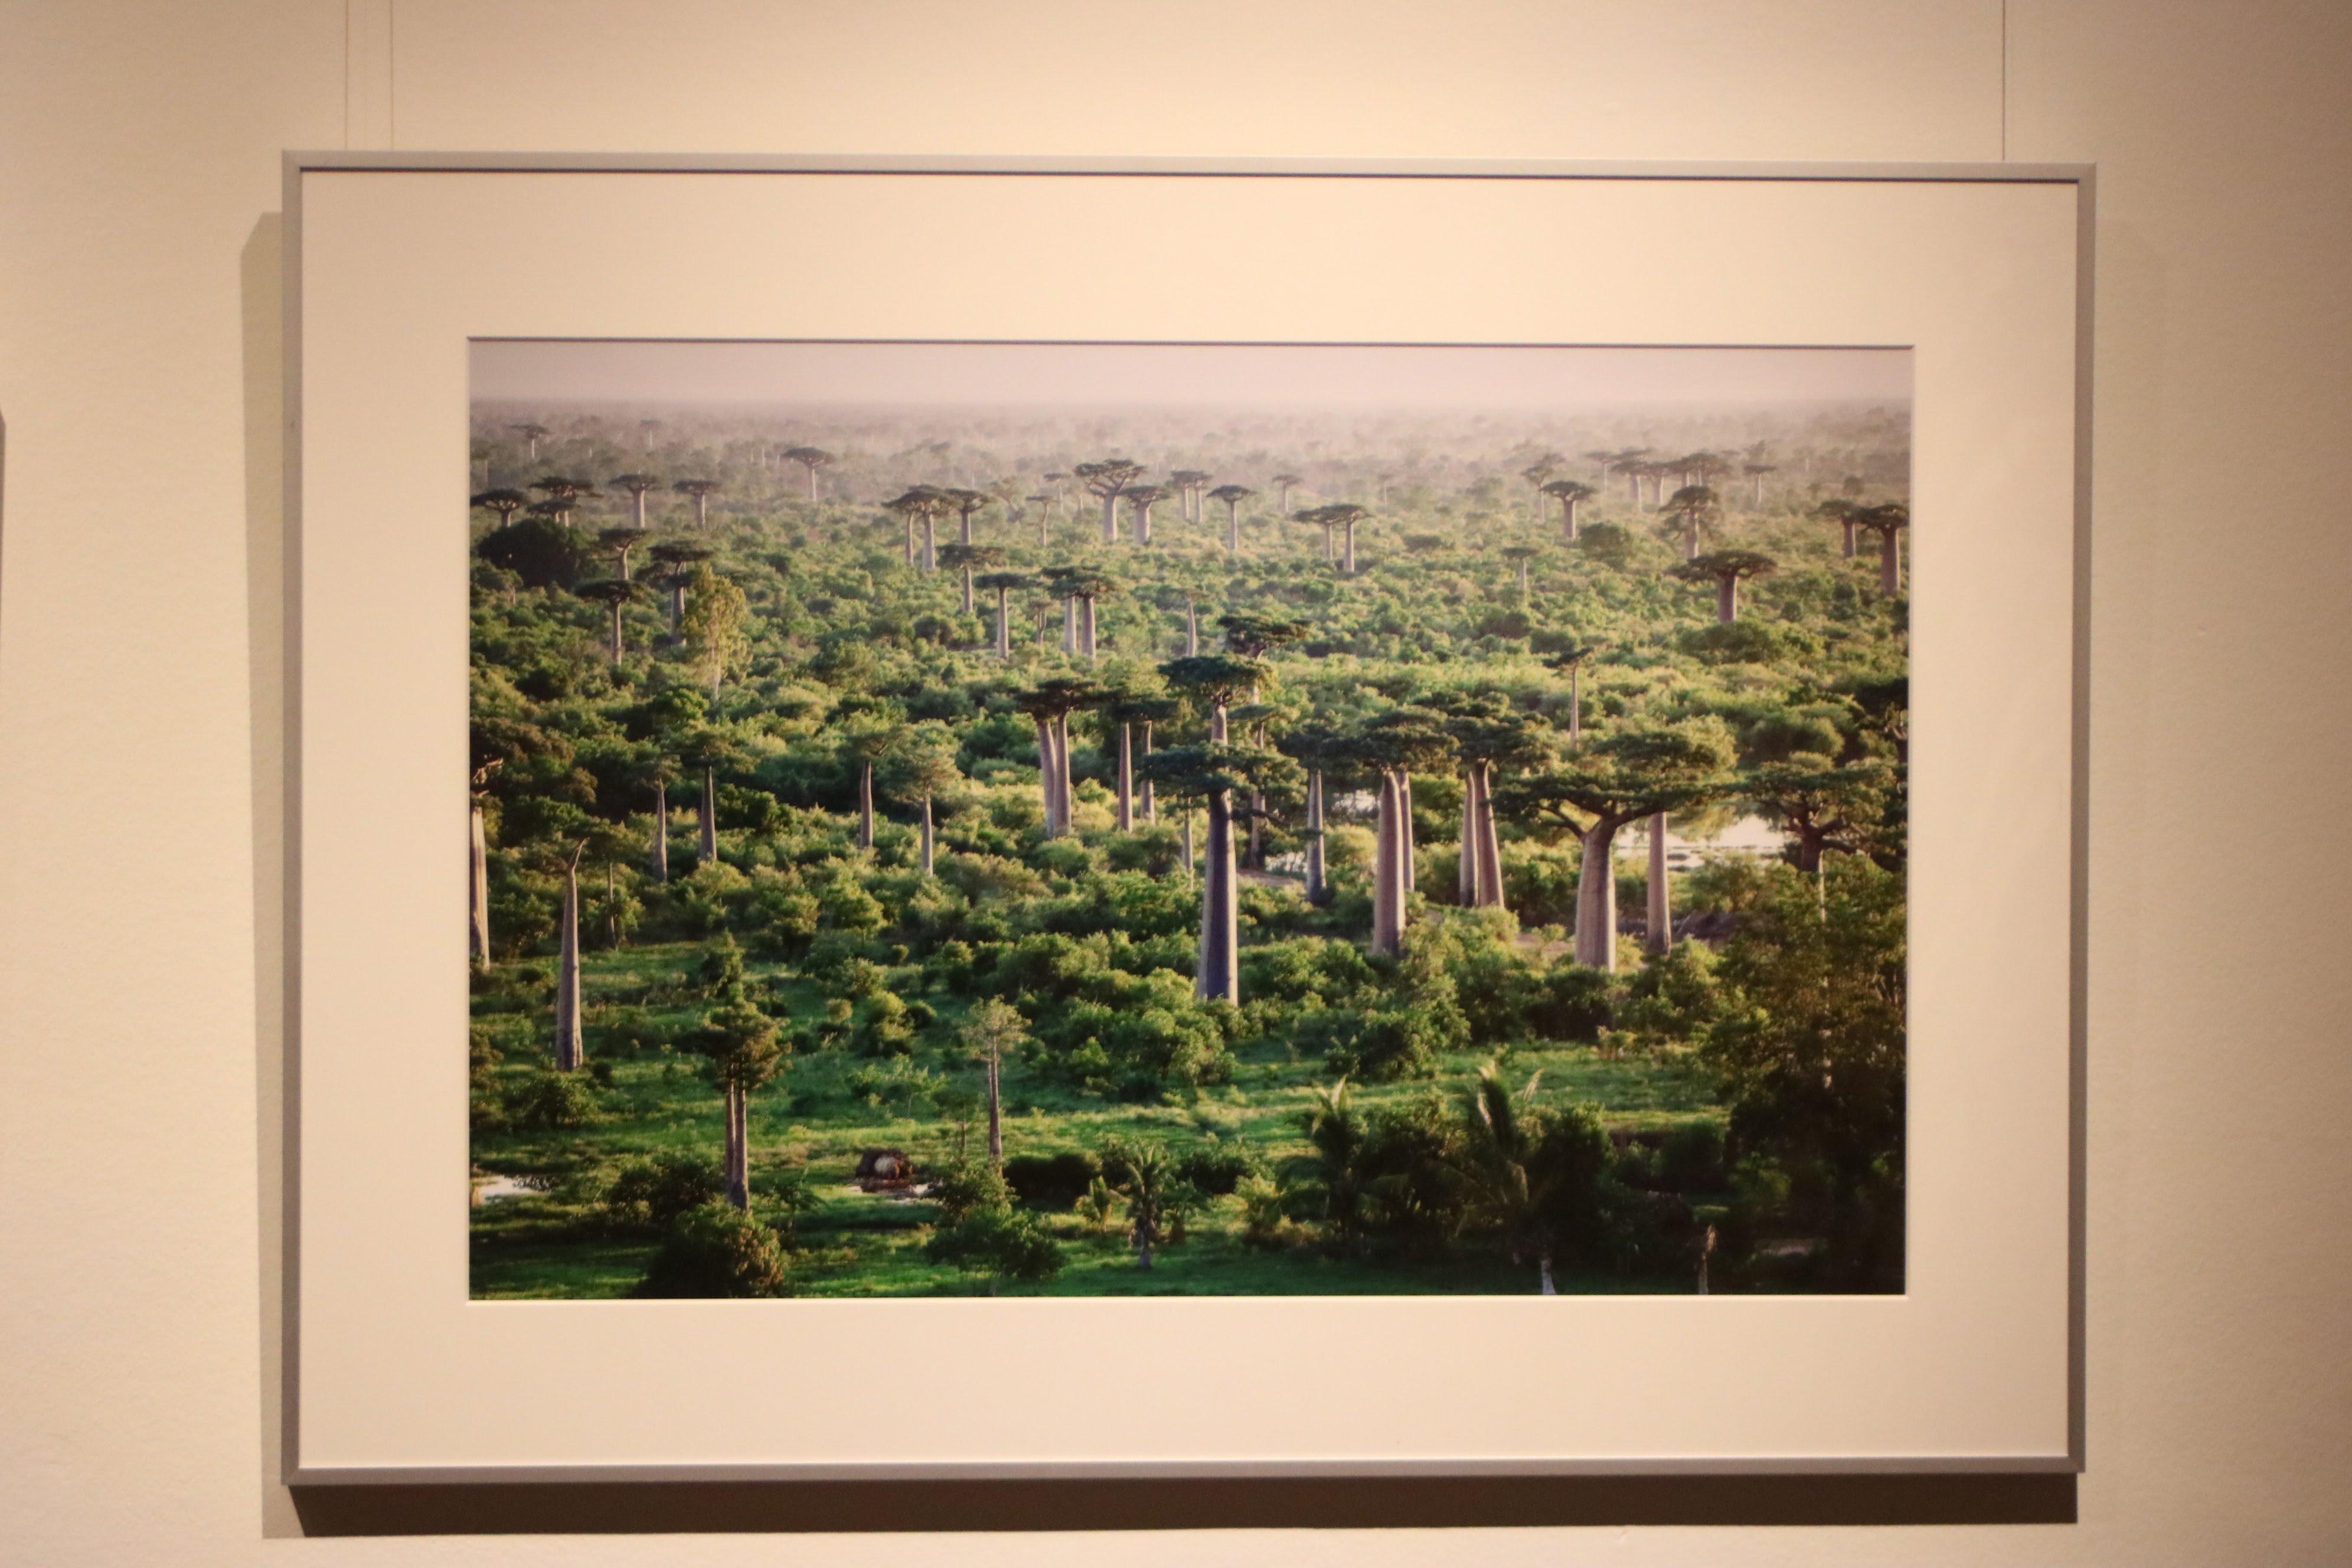 Baobab – eine außergewöhnliche Fotoausstellung im Naturhistorischen Museum Wien